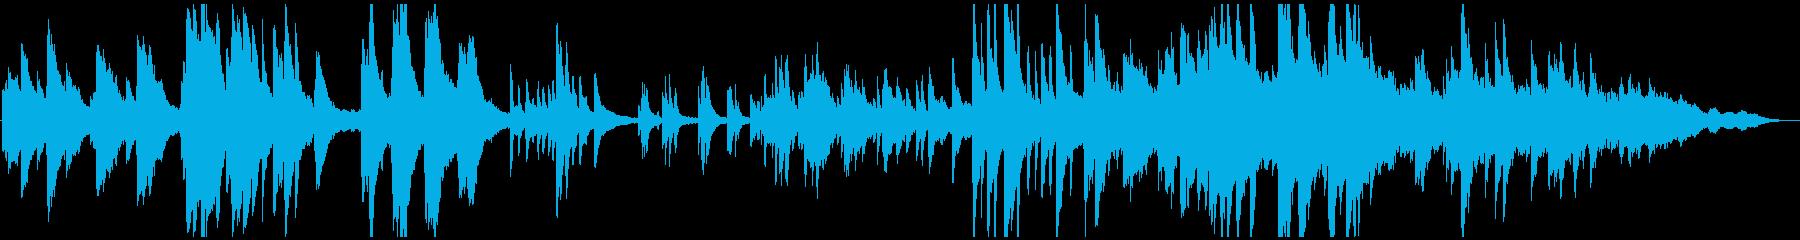 美しい映像に合うアンビエントなピアノ曲の再生済みの波形